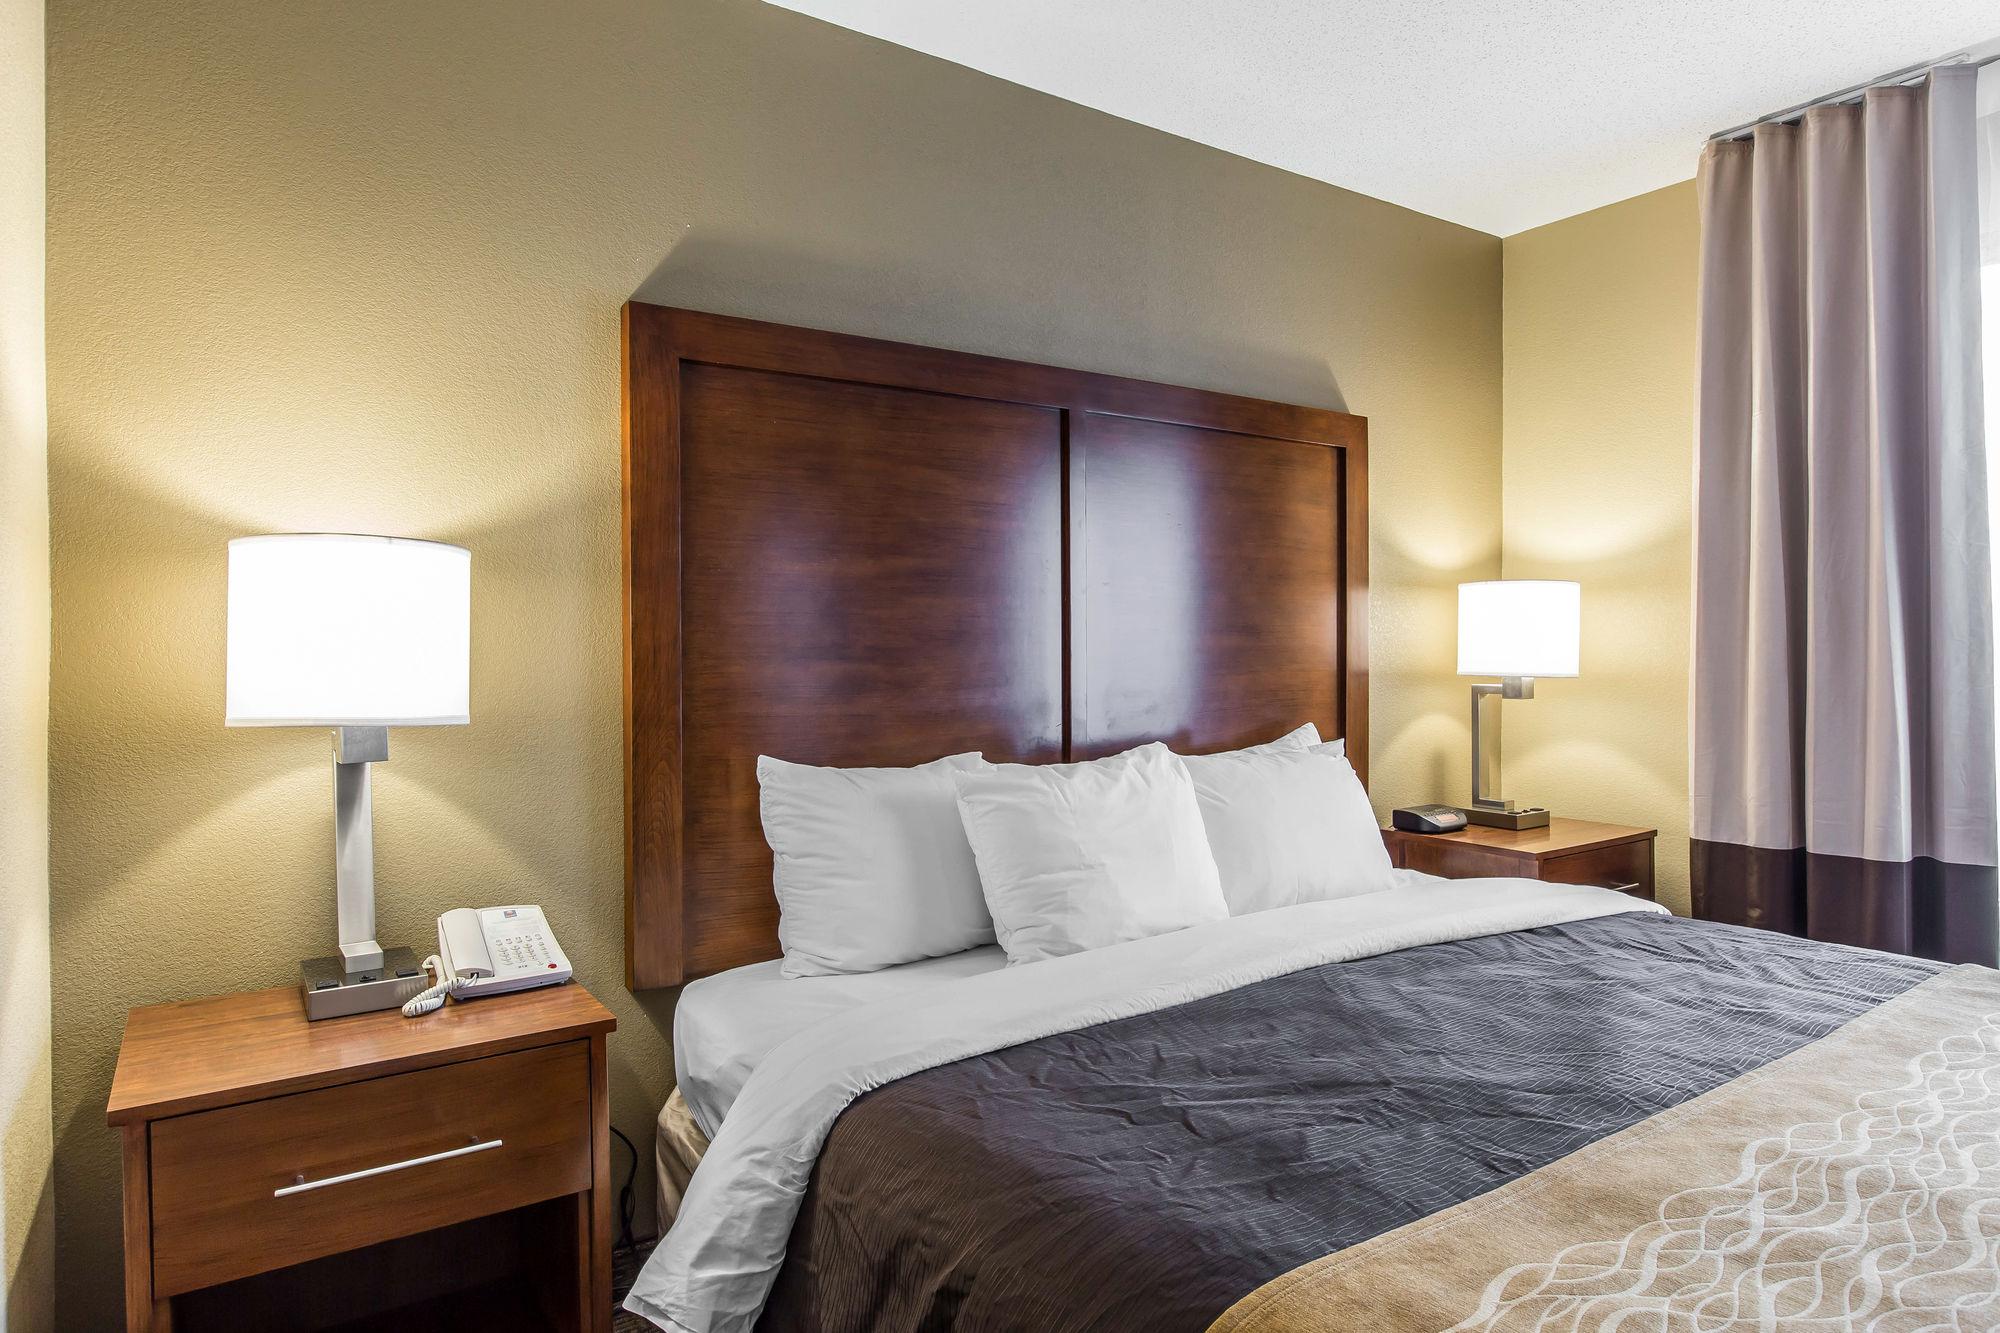 Comfort Inn & Suites Peachtree Corners in Norcross, GA